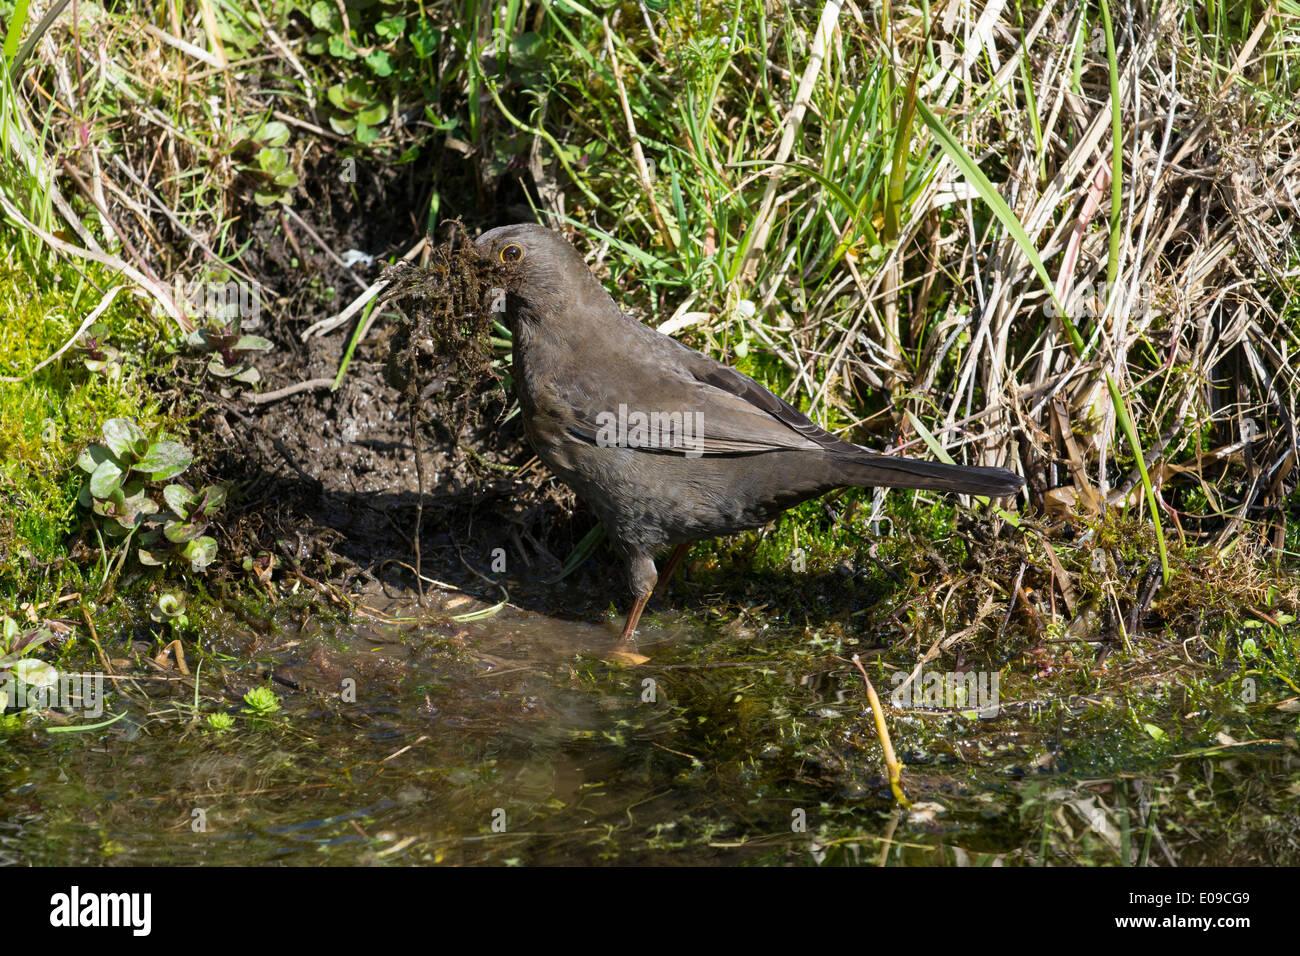 Blackbird, Turdus merula, femme la collecte des matériaux de nidification à côté d'étang de jardin, avril. Photo Stock